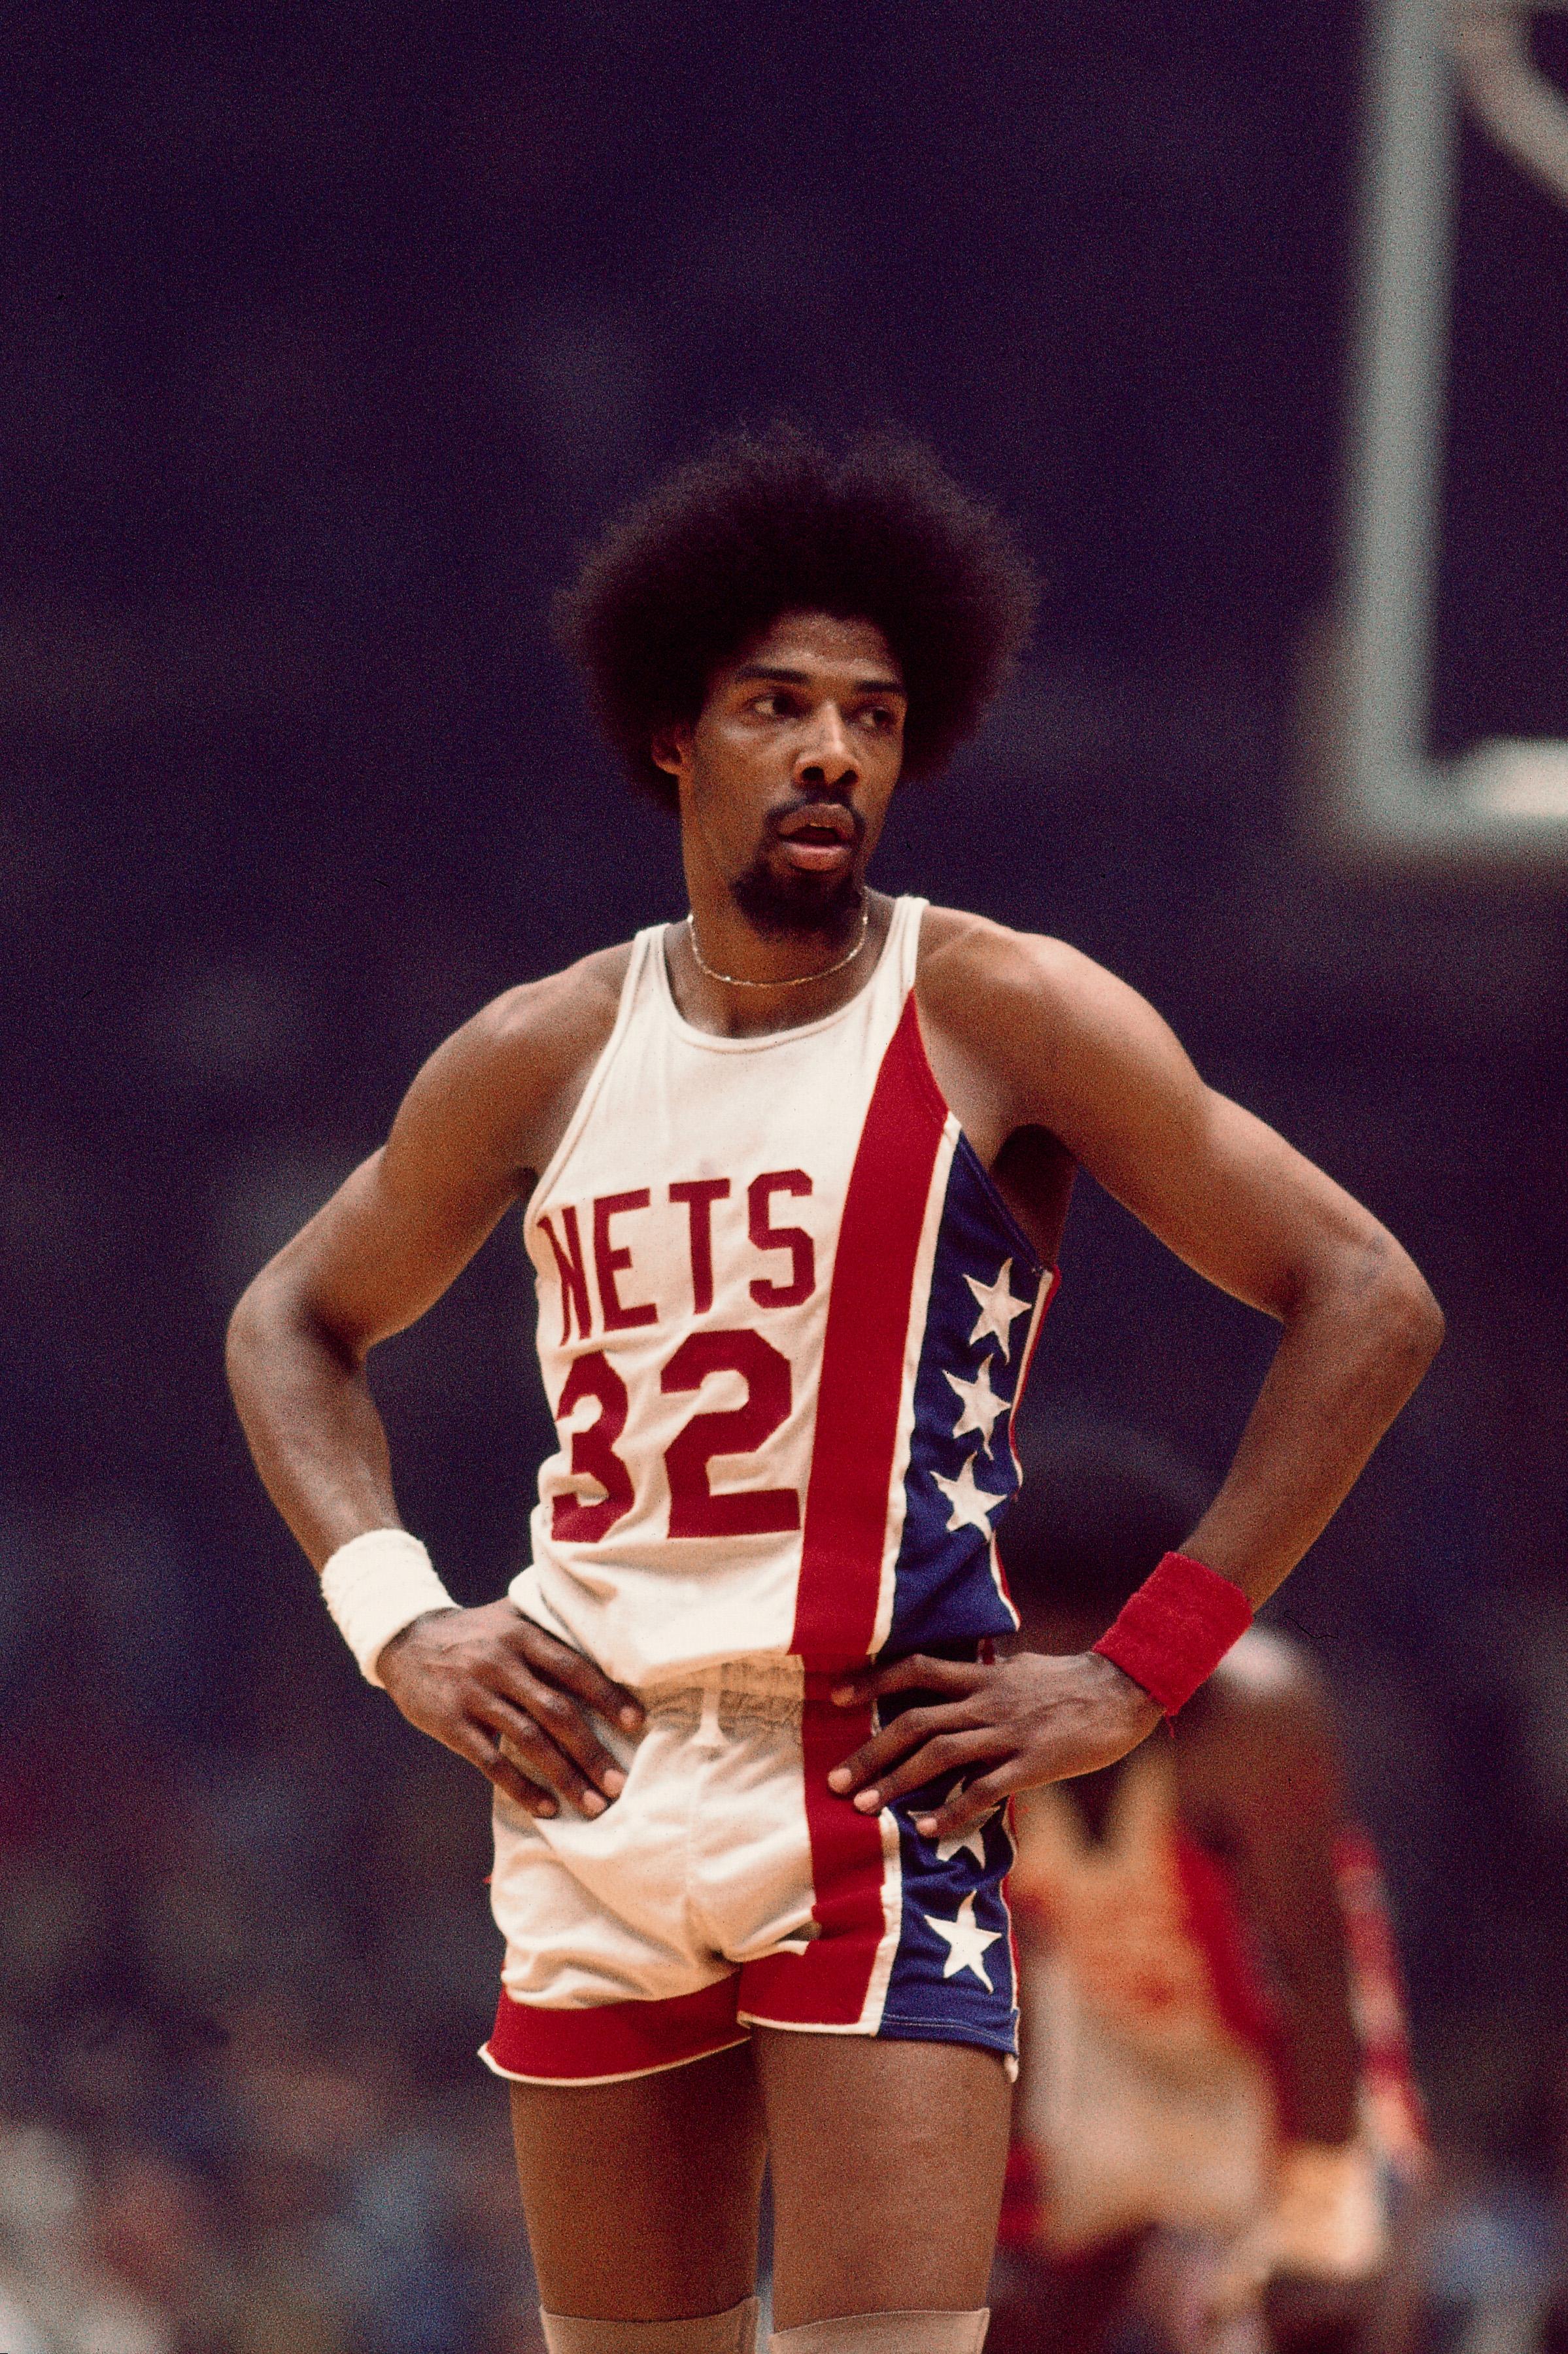 New York Nets v Boston Celtics